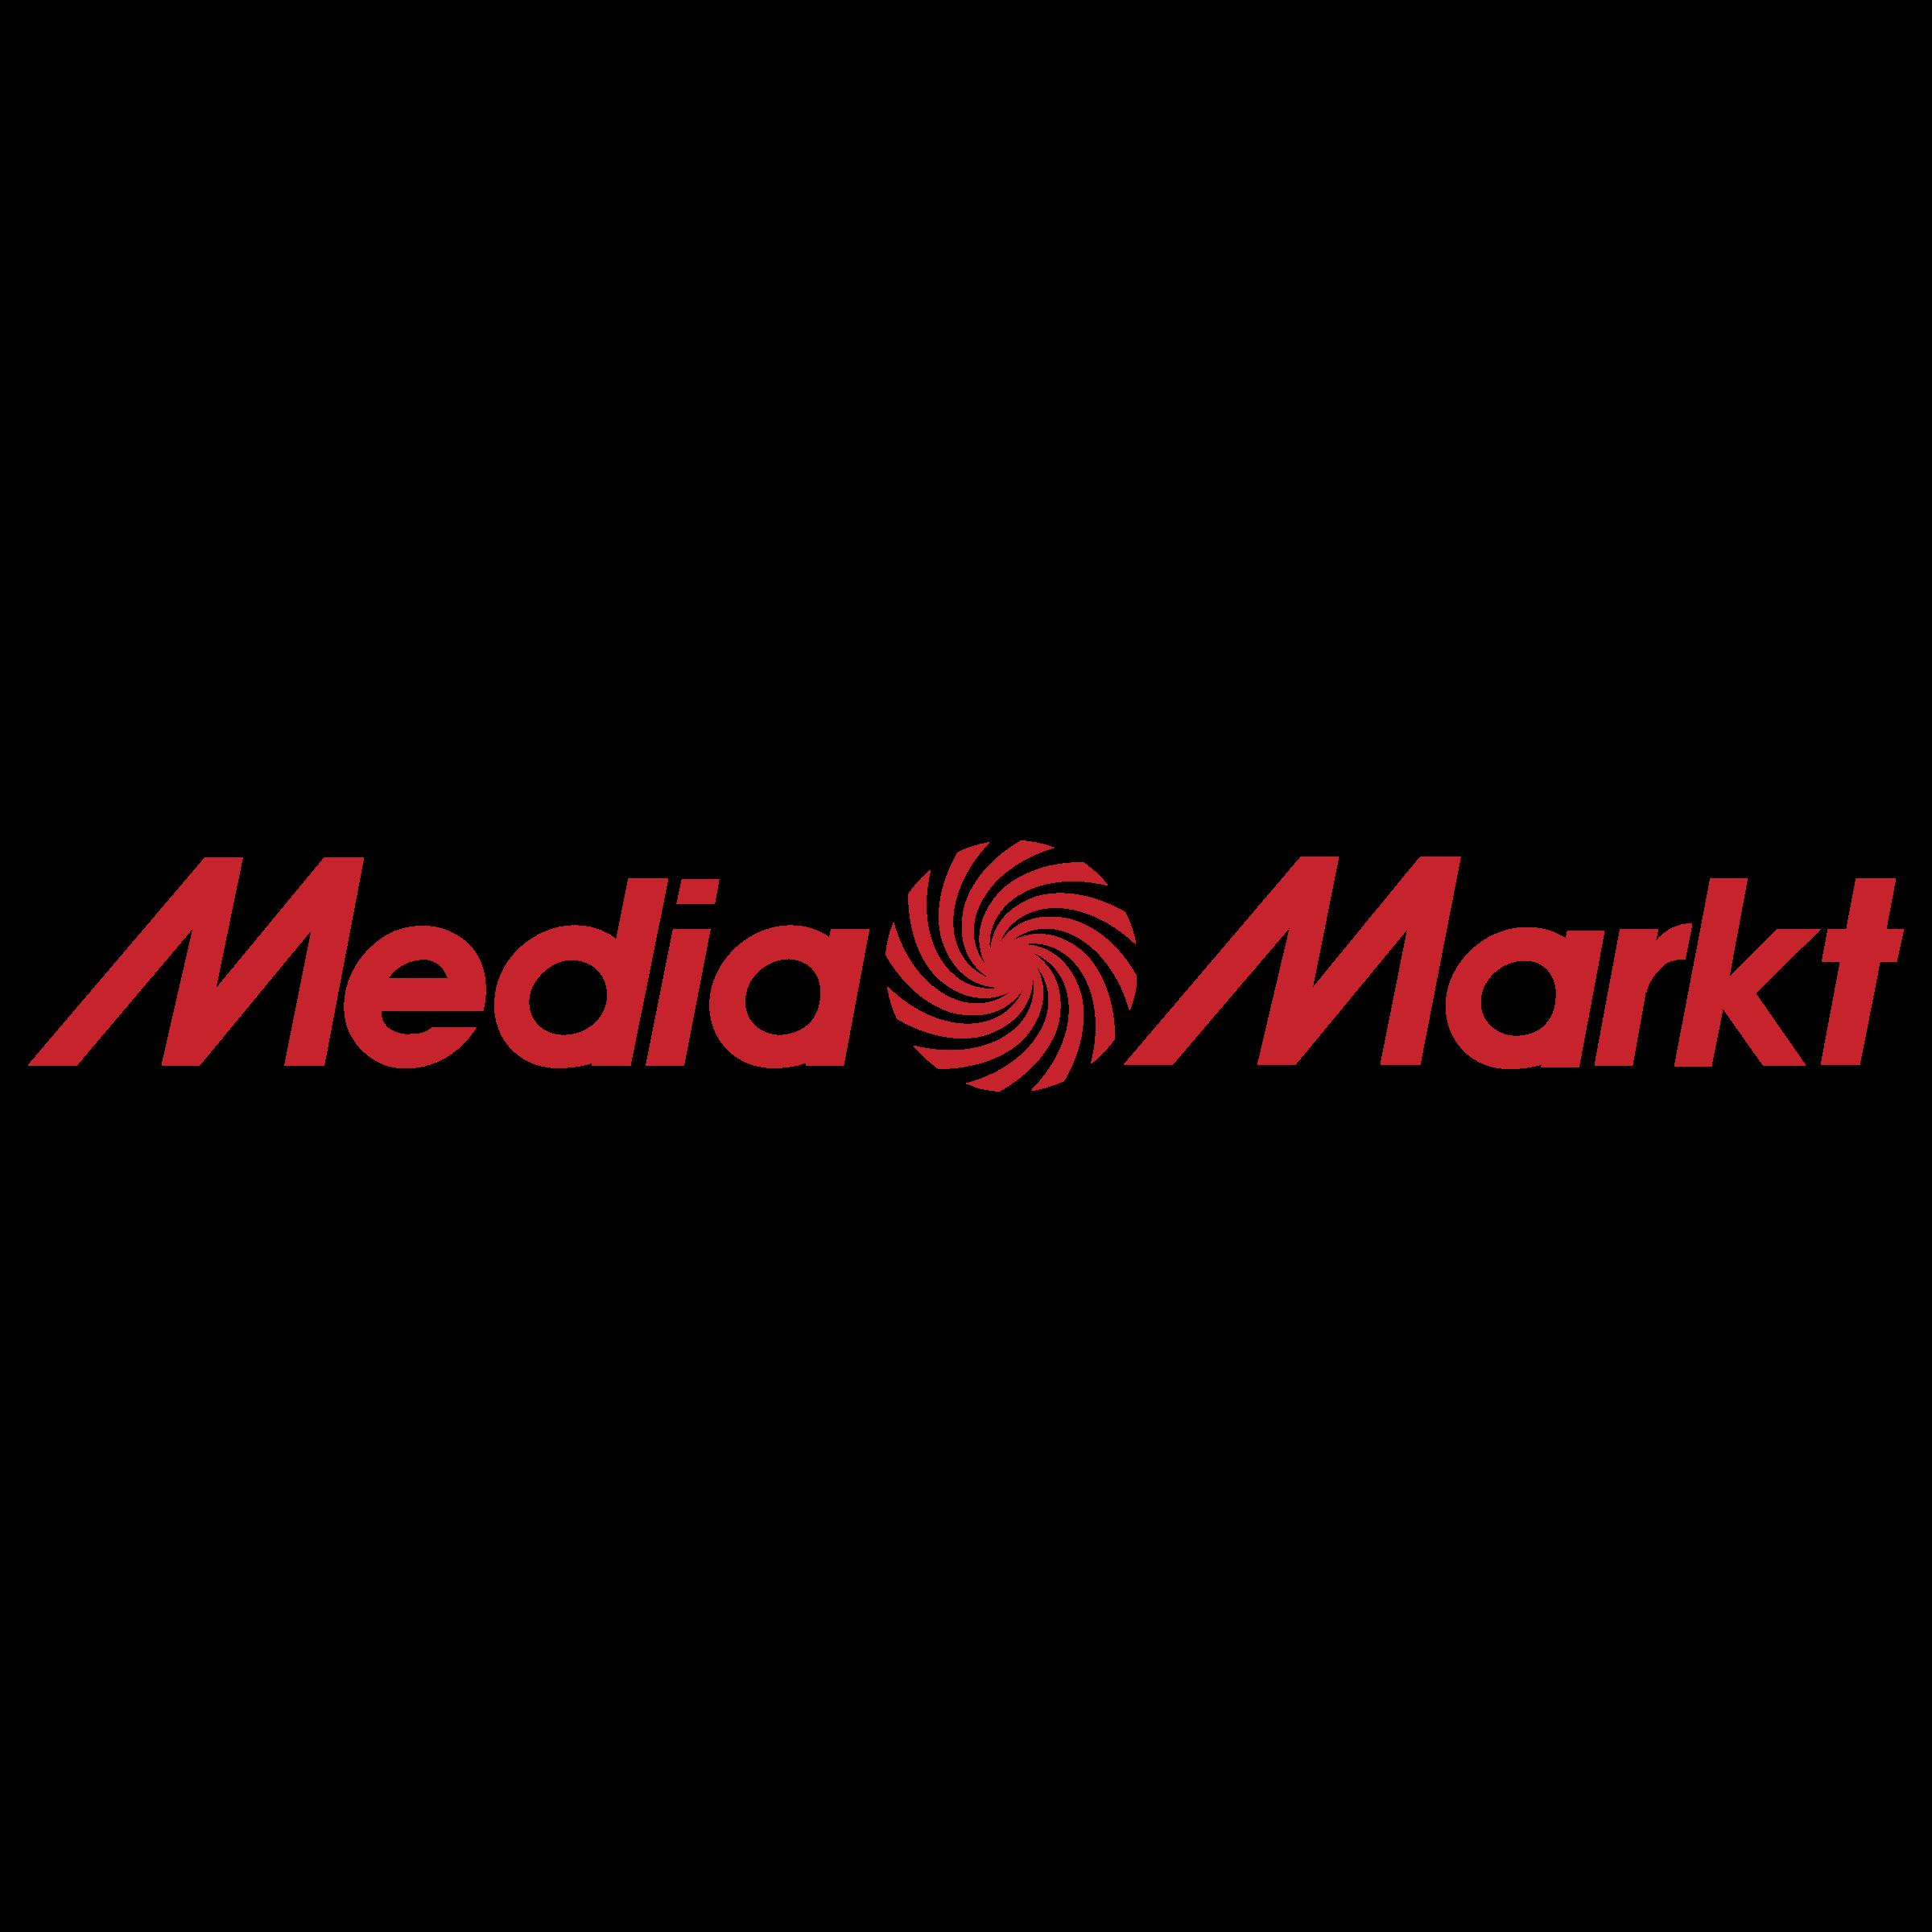 Προσλήψεις απο την Media Markt - Δείτε θέσεις- περιοχές